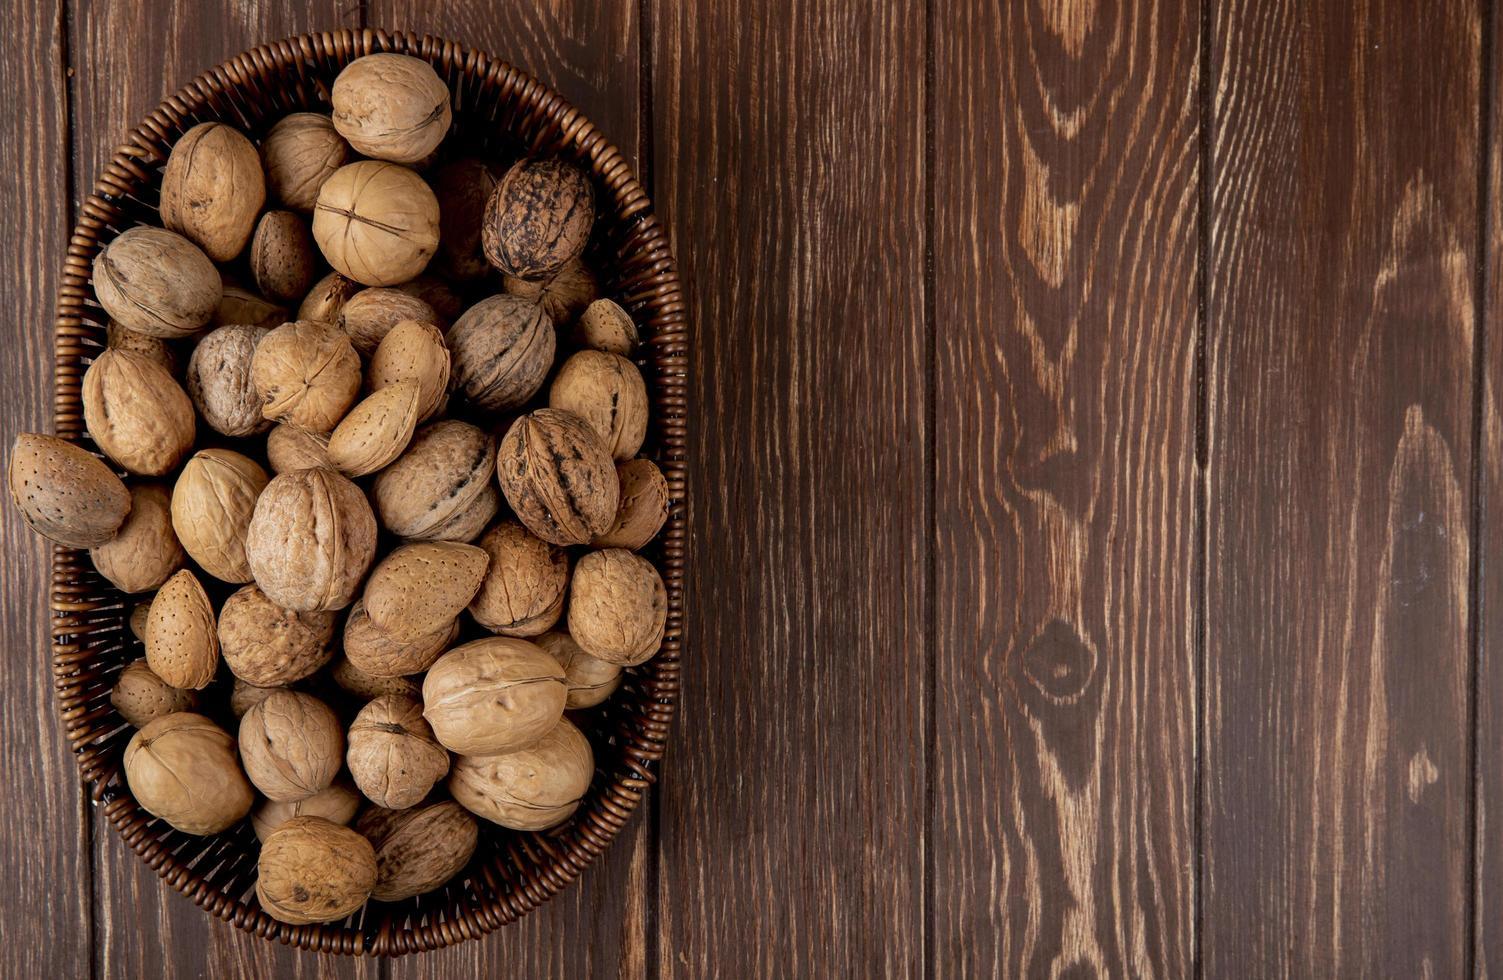 Vue de dessus de noix entières dans un panier en osier sur fond de bois avec espace copie photo